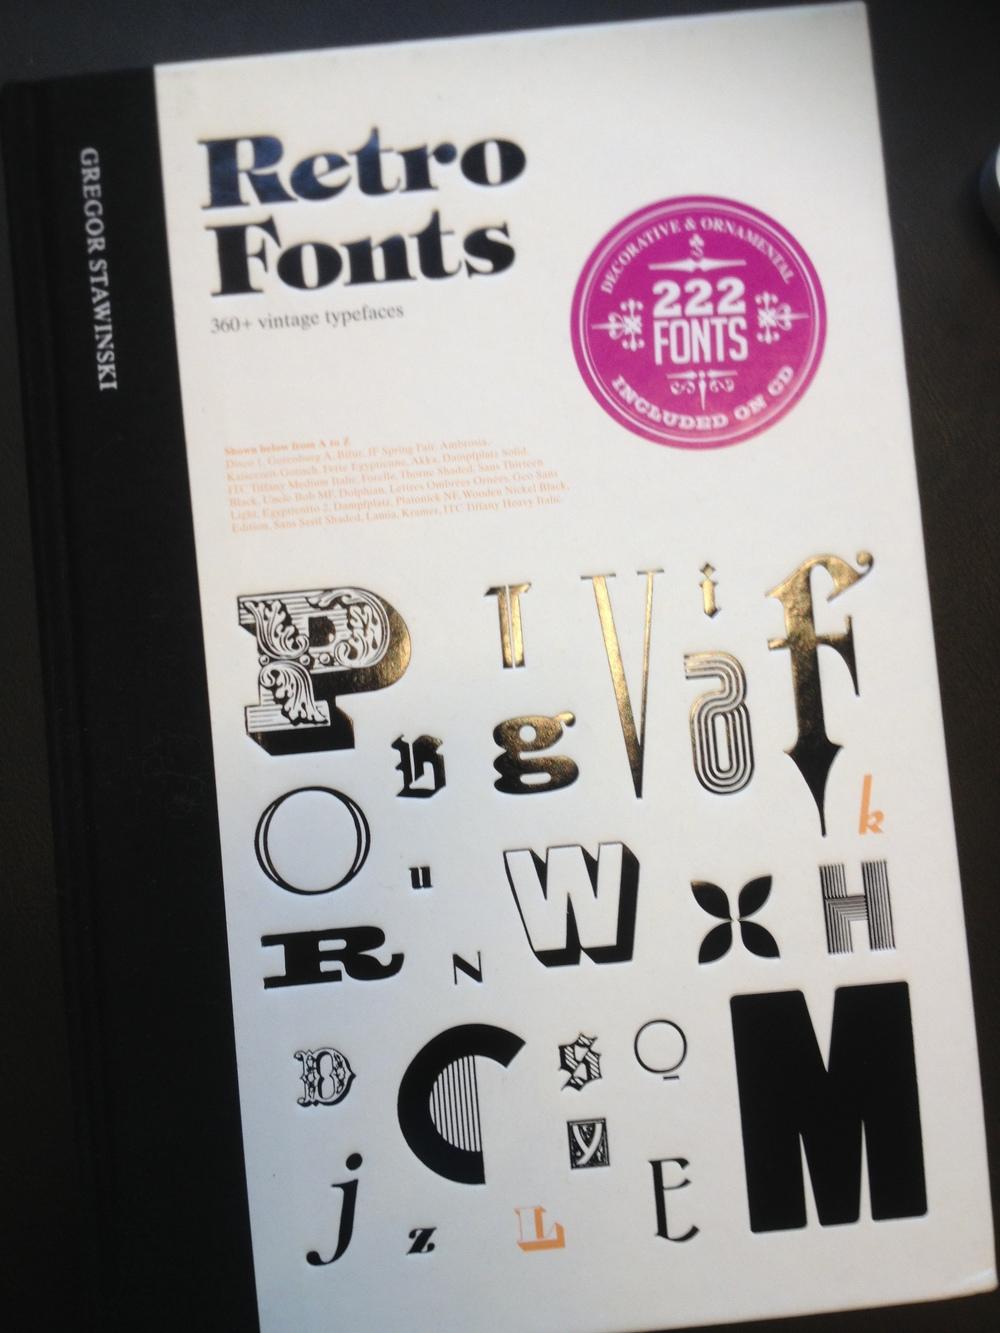 Retro Fonts af Gregor Stawinski - me in looove